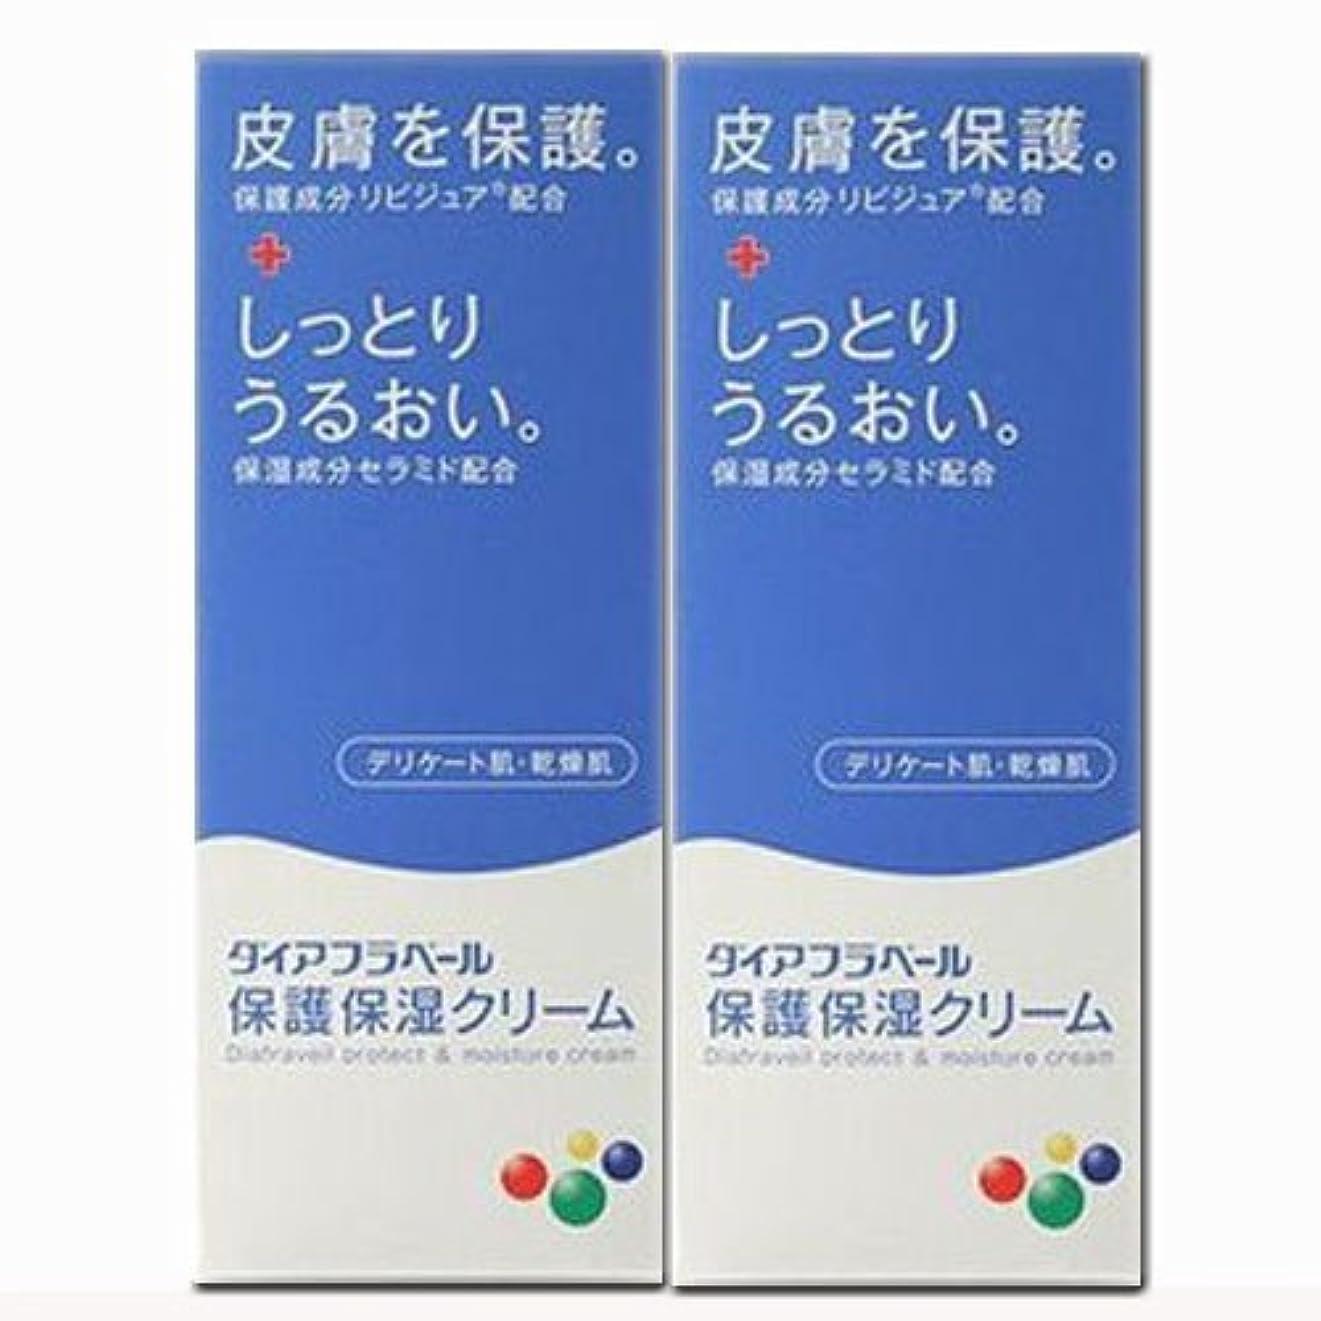 変装攻撃メロディー【2個】ダイアフラベール 保護保湿クリーム 60gx2個 (4987360200539-2)